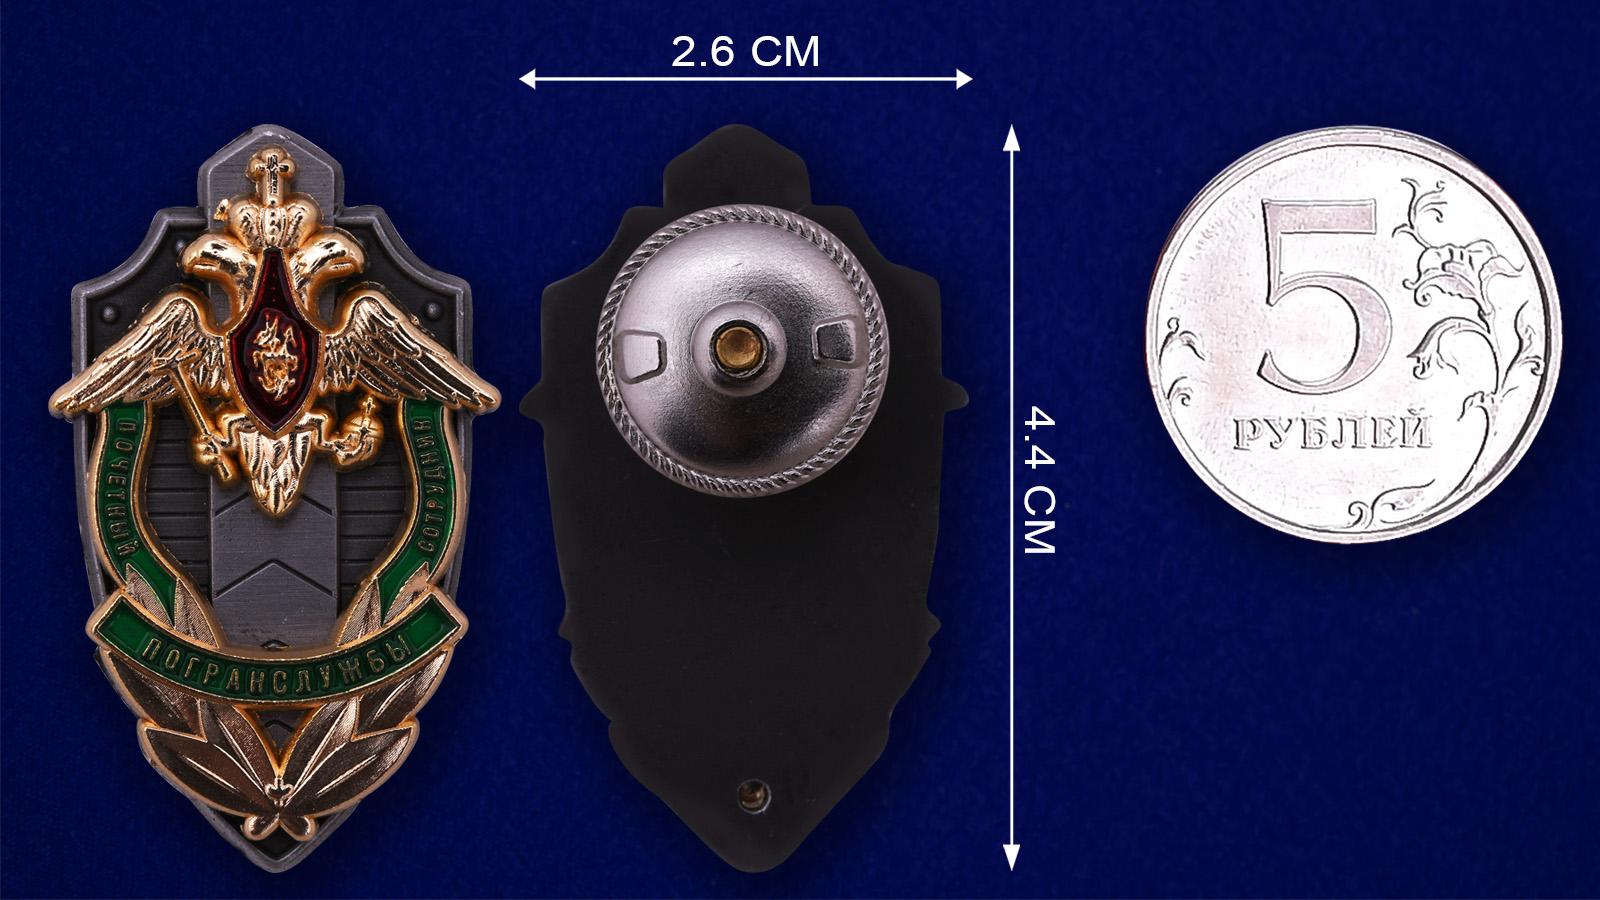 Знак ФПС «Почетный сотрудник погранслужбы» - сравнительный размер